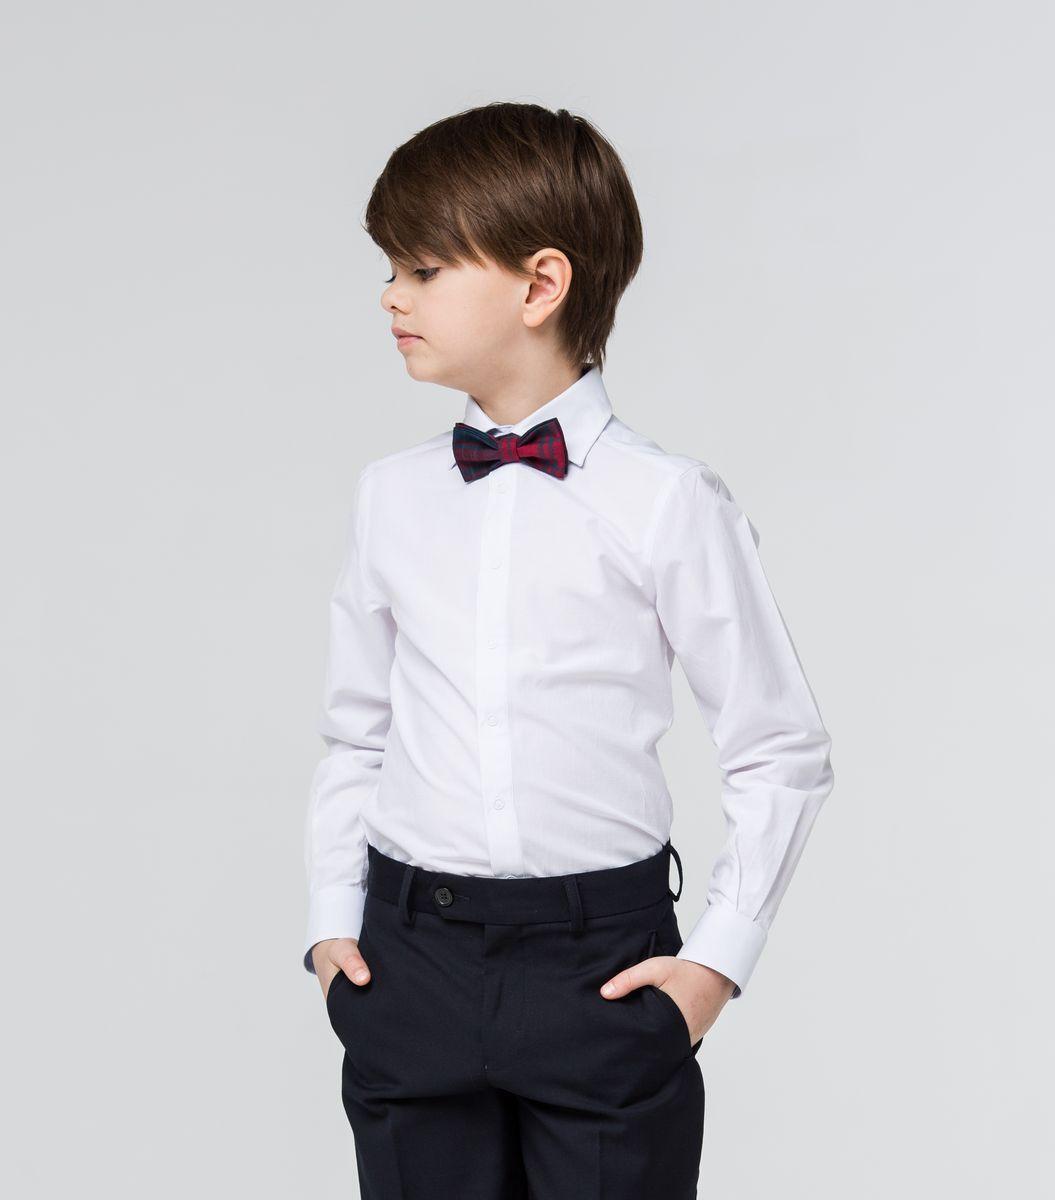 Рубашка для мальчика Silver Spoon, цвет: белый, светло-голубой. SSFSB-629-13831-299. Размер 164SSFSB-629-13831-299Стильная рубашка Silver Spoon станет отличным дополнением к школьному гардеробу вашего мальчика. Модель, выполненная из хлопка с добавлением полиэстера, необычайно мягкая и приятная на ощупь, не сковывает движения и позволяет коже дышать. Рубашка классического кроя с длинными рукавами и отложным воротником застегивается на кнопки по всей длине. На манжетах предусмотрены застежки-кнопки.